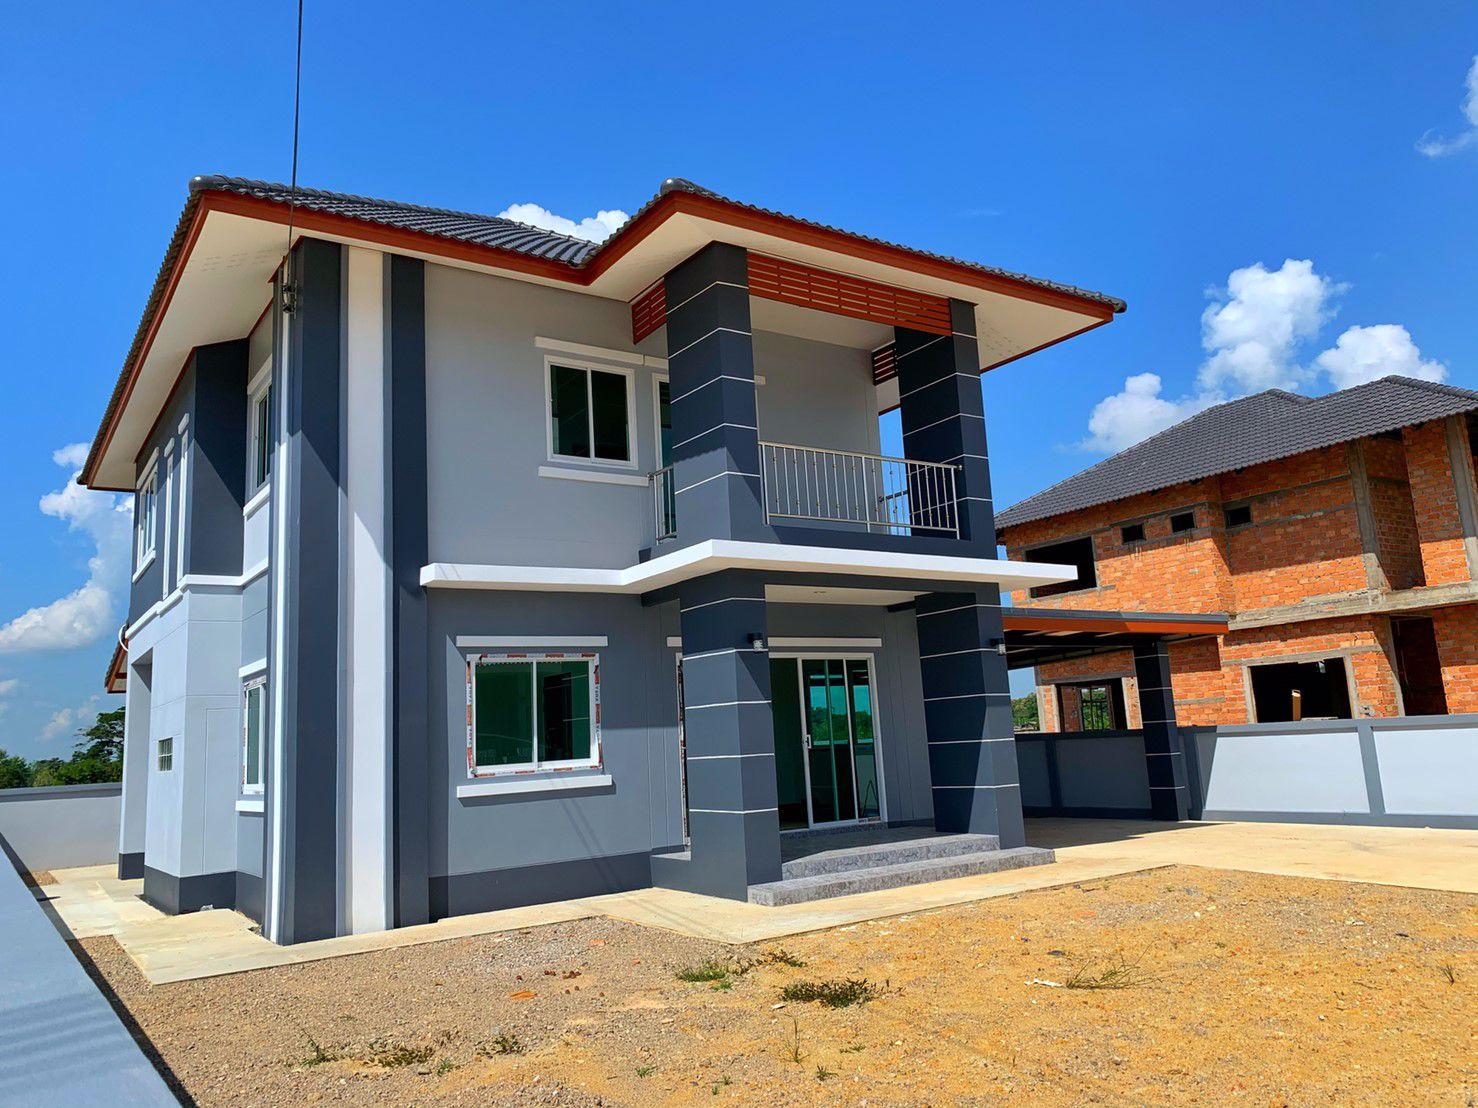 โครงการบ้านใหม่นวโชติ-ขายบ้านพร้อมที่ดิน-อเมือง-จพะเยา